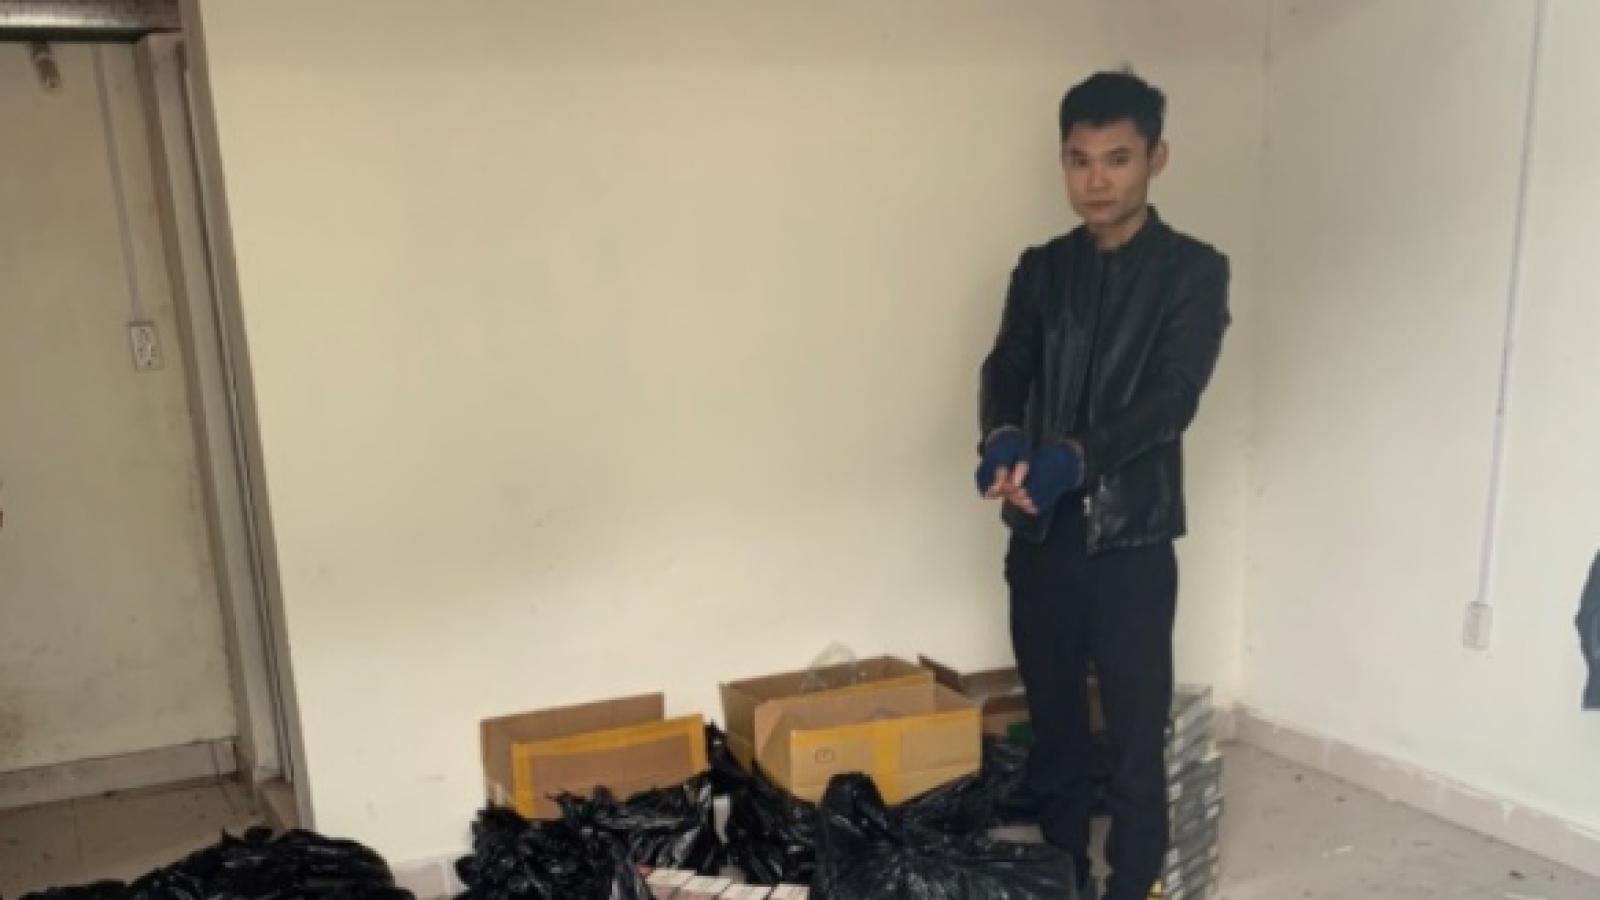 Tạm giữ 4 đối tượng buôn bán hàng cấm ở Quảng Ninh